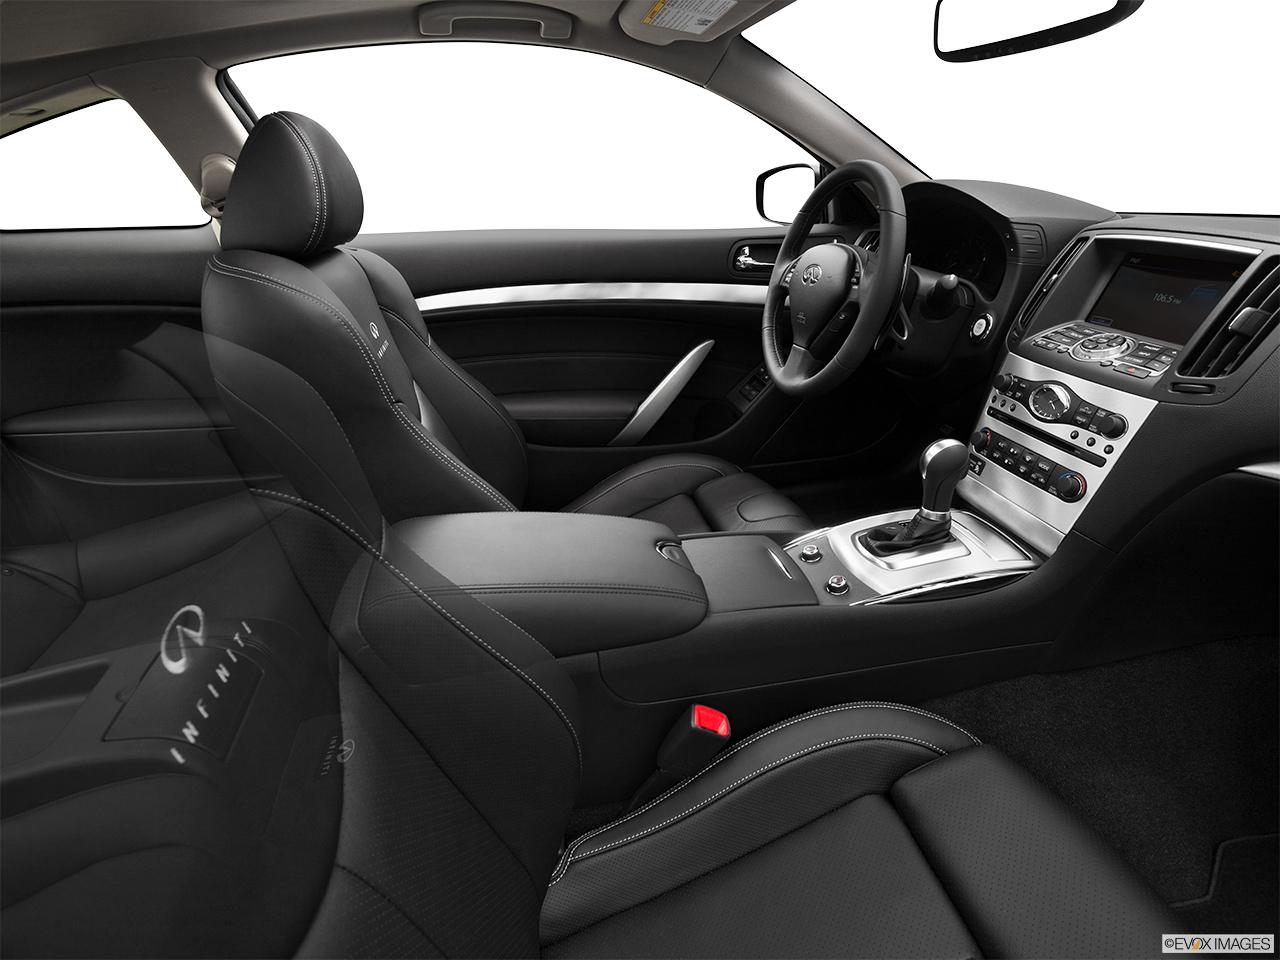 Infiniti G37 Coupe >> 2013 Infiniti G37xS: Regular Car Reviews : cars